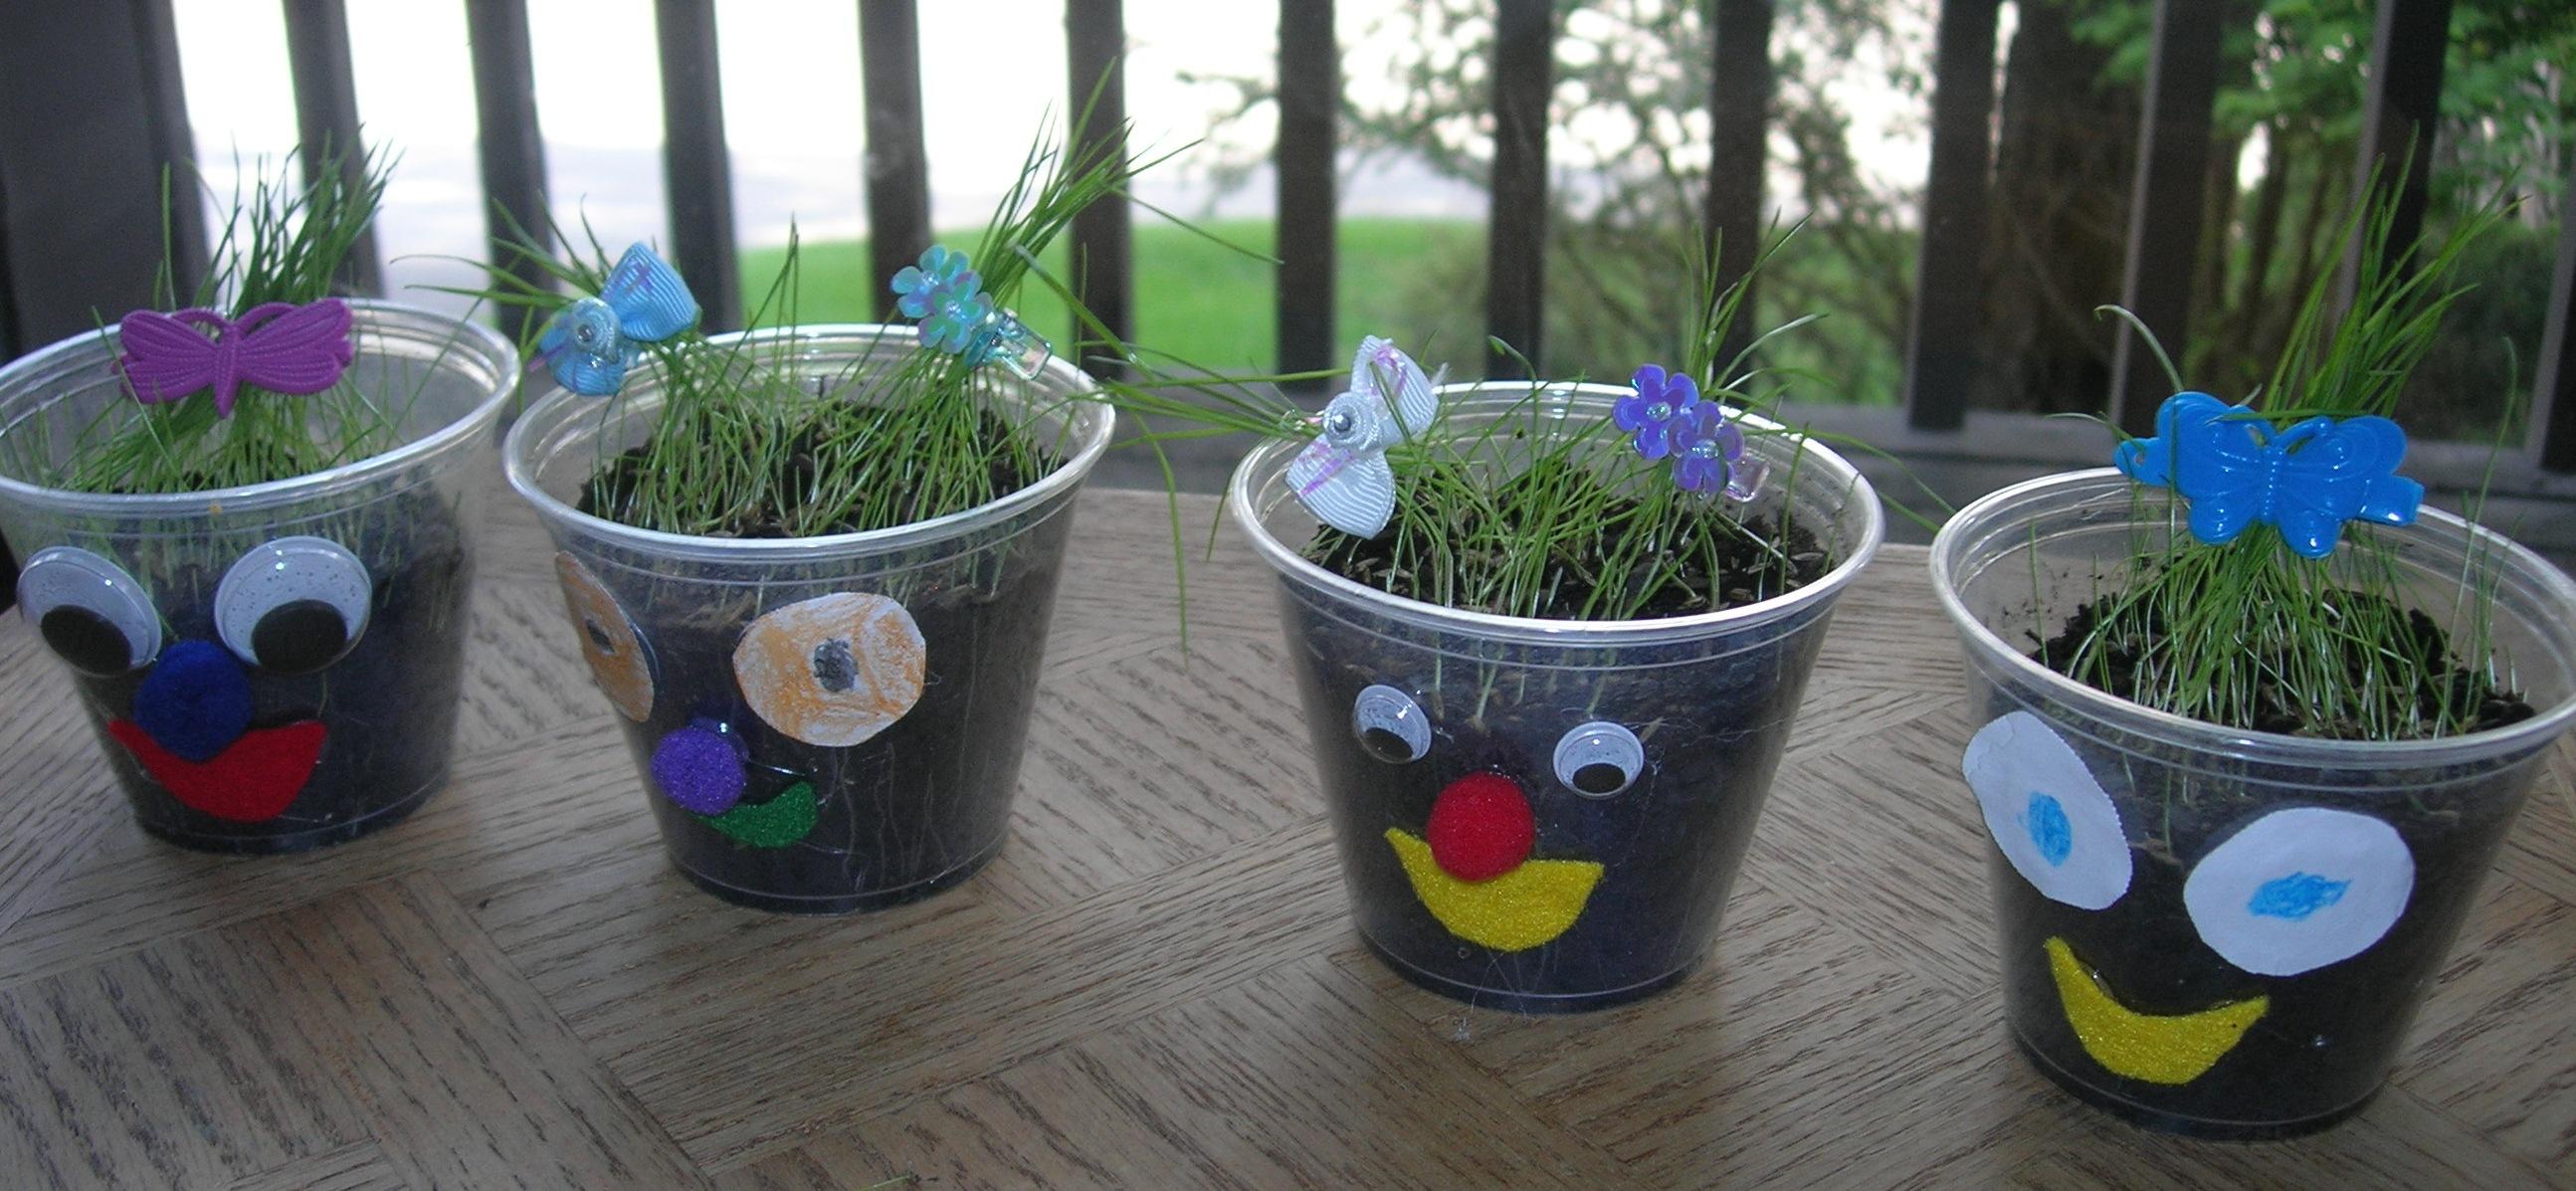 Growing Indoor Grass Susans Homeschool Blog